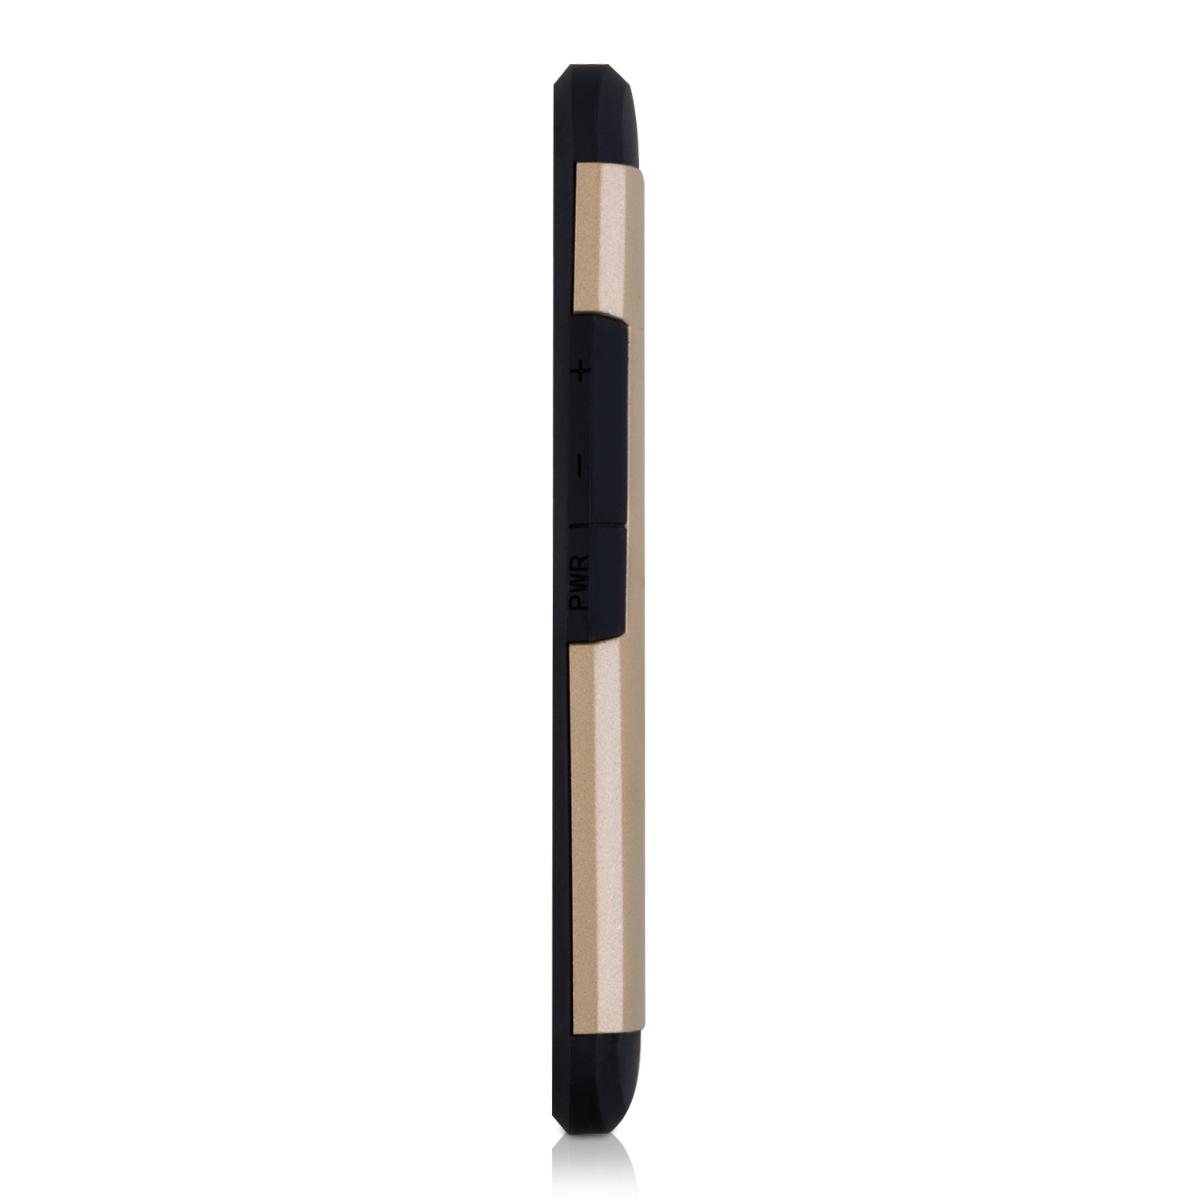 Schutz Hülle für HTC One M9 Gold Plain Case Cover Bumper Handy Silikon Hybrid